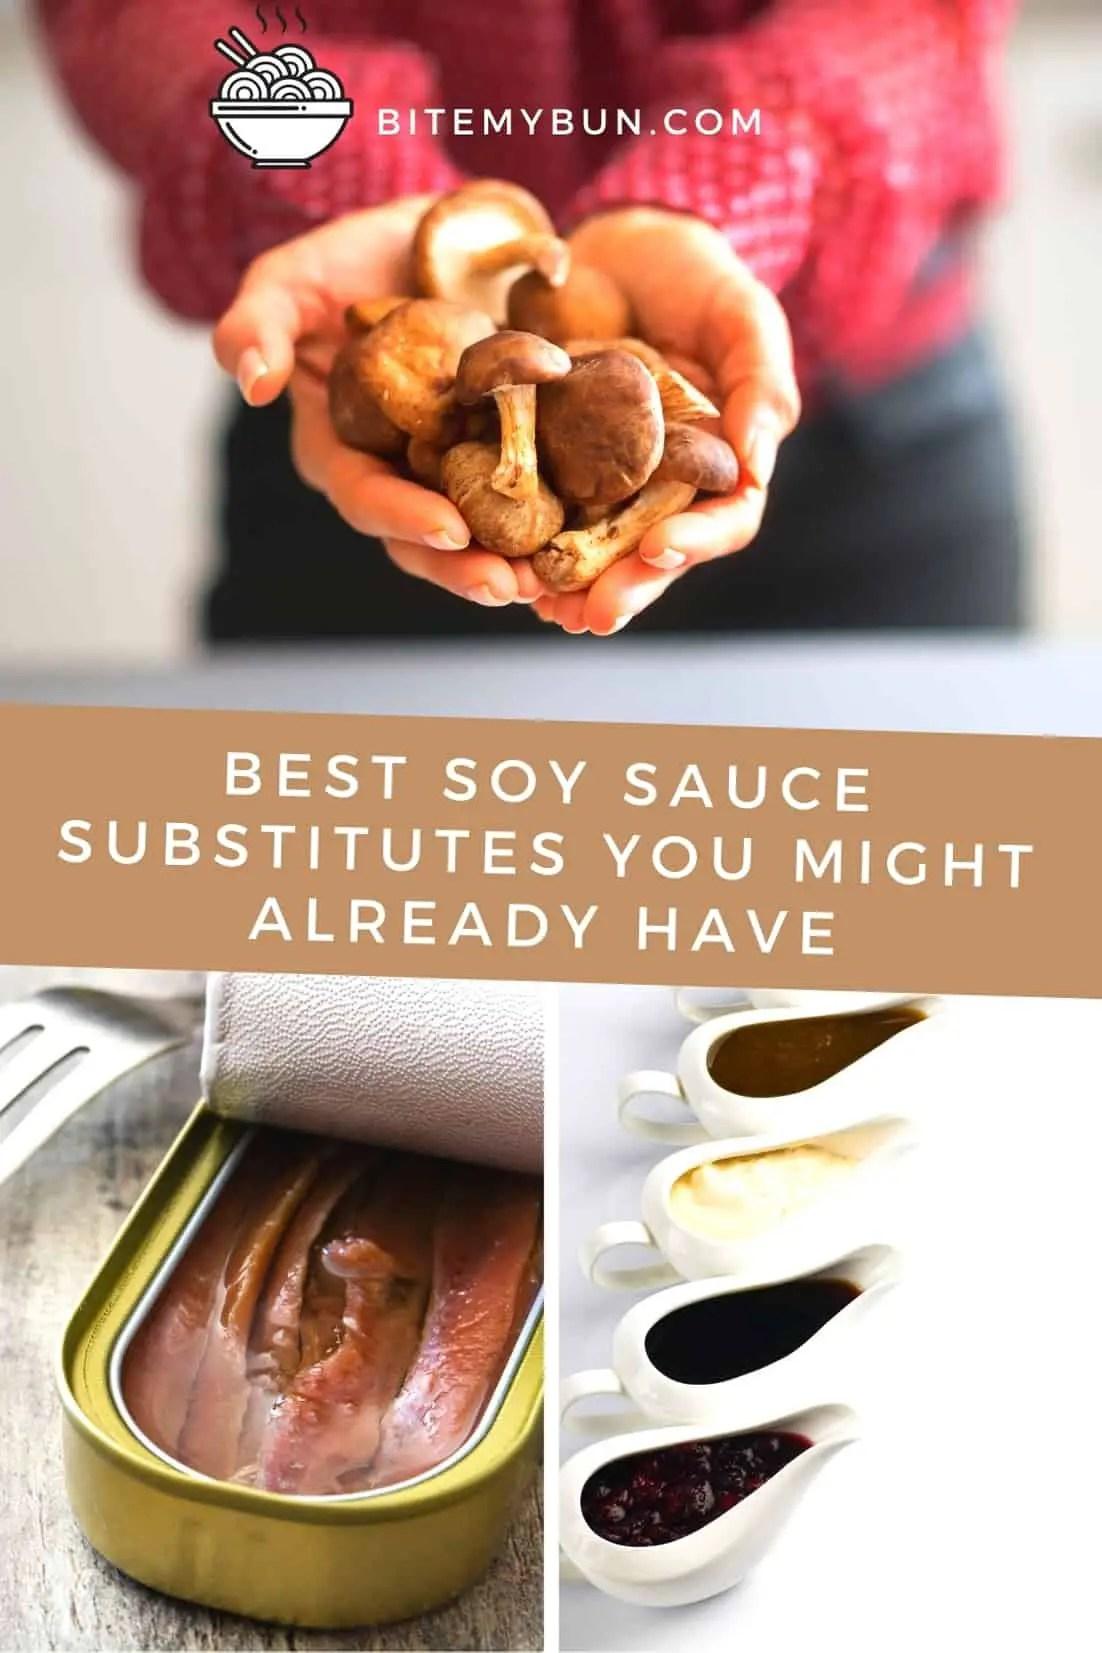 Par Quoi Remplacer La Sauce Soja : remplacer, sauce, Meilleurs, Substituts, Sauce, Pourriez, Déjà, Avoir